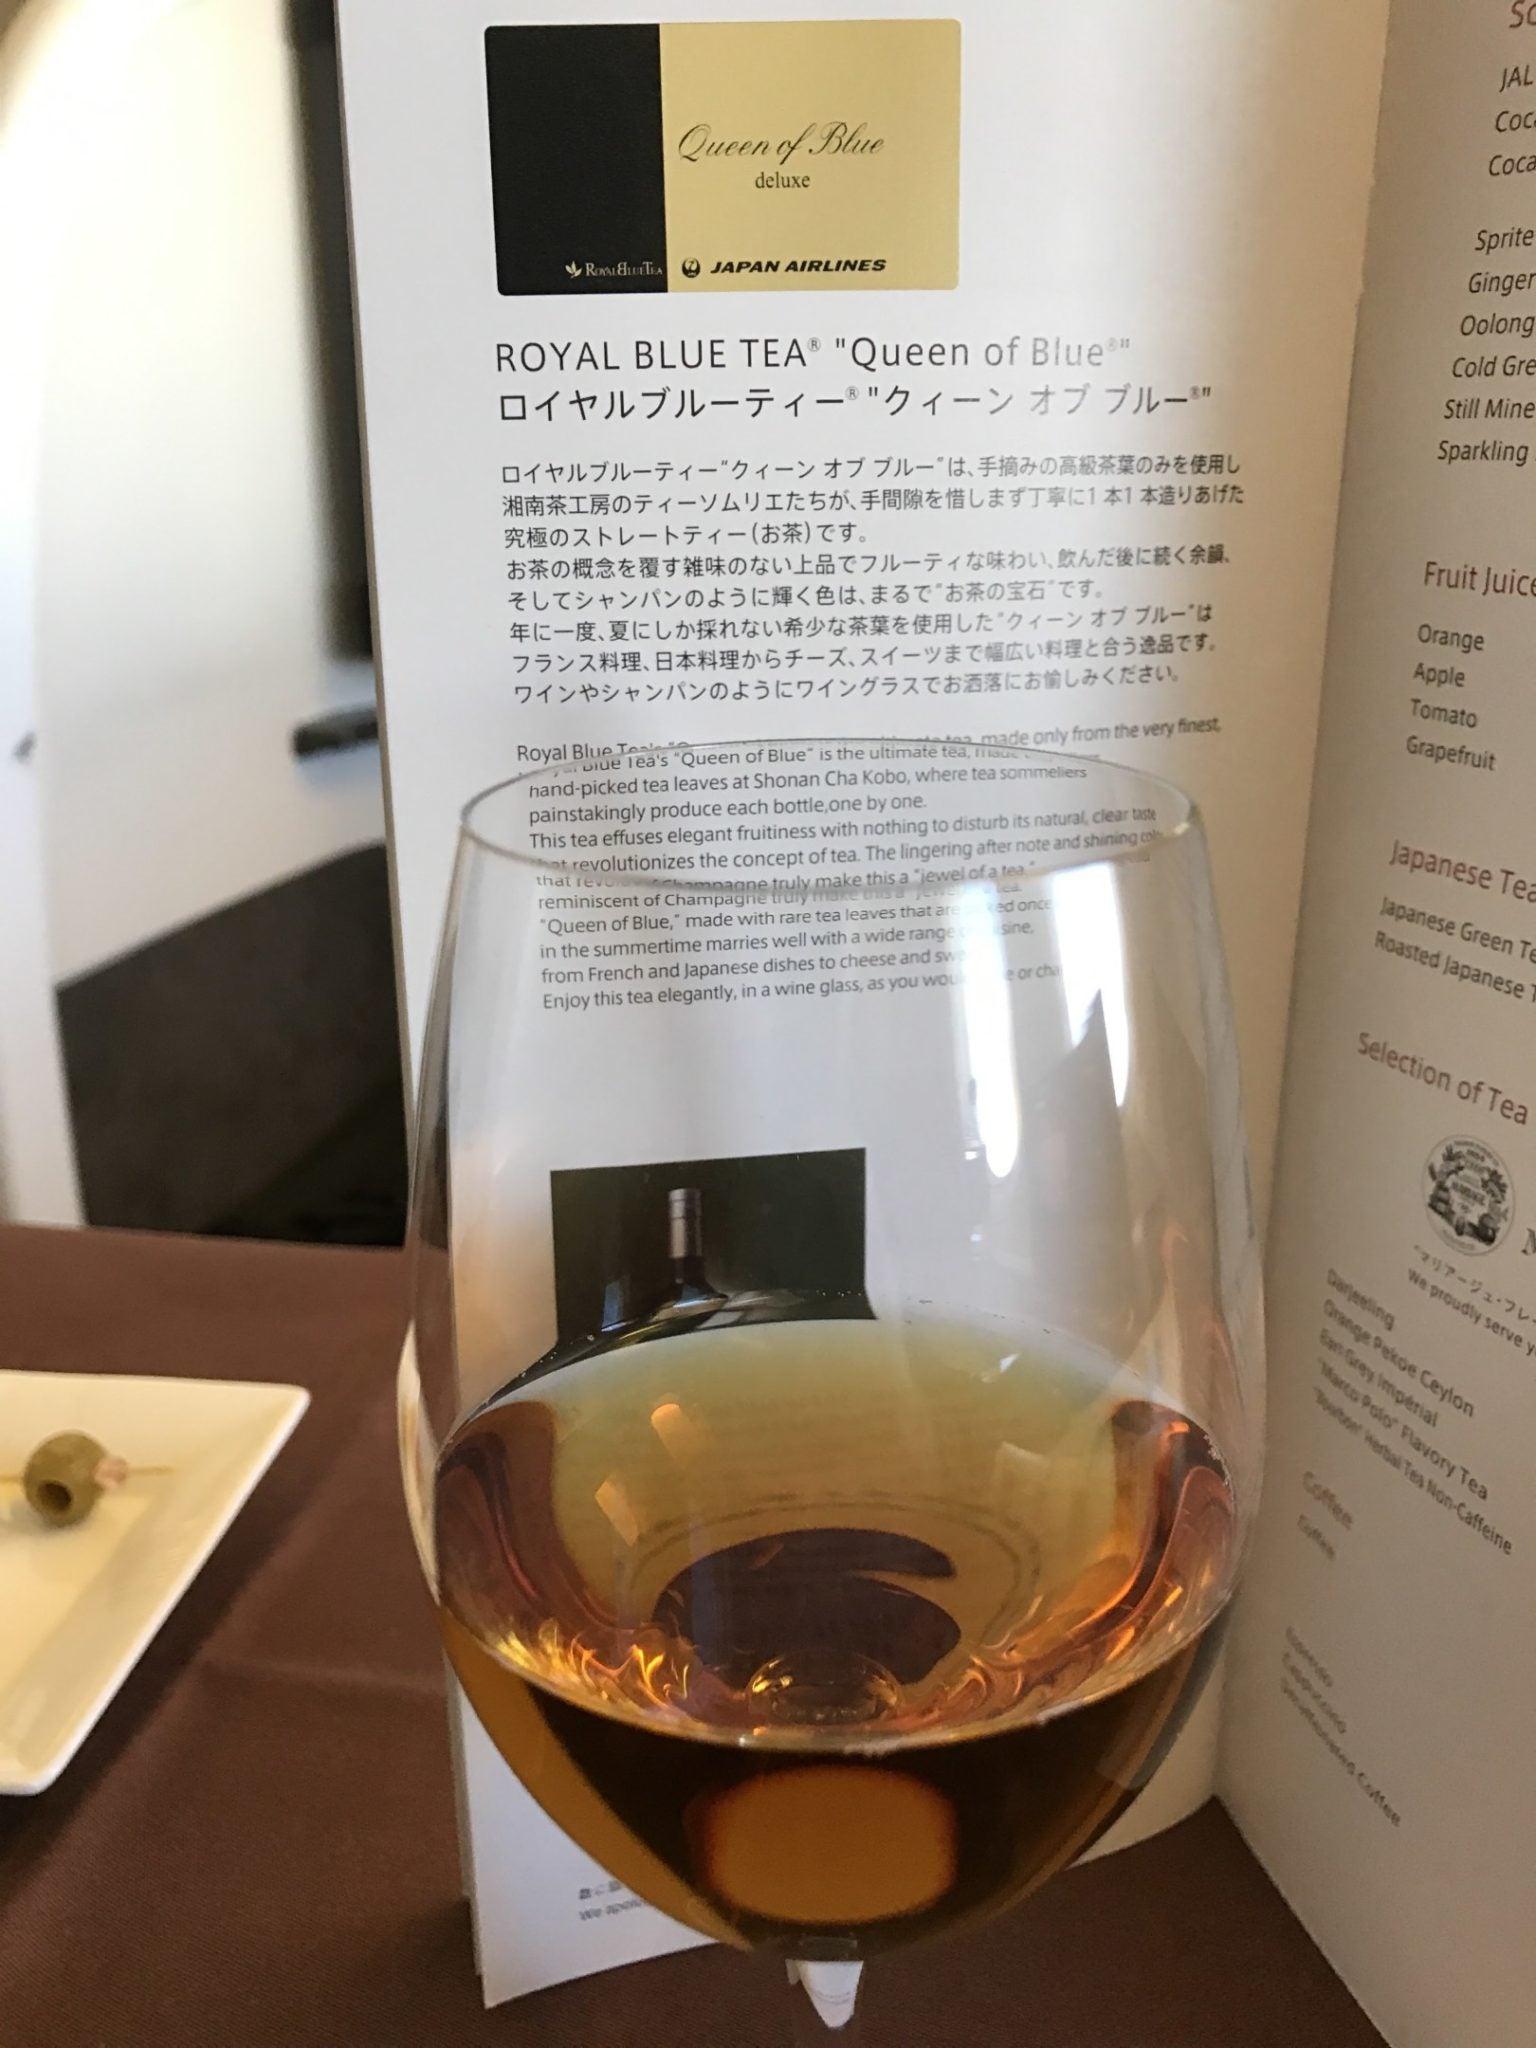 JAL First Class, Tea